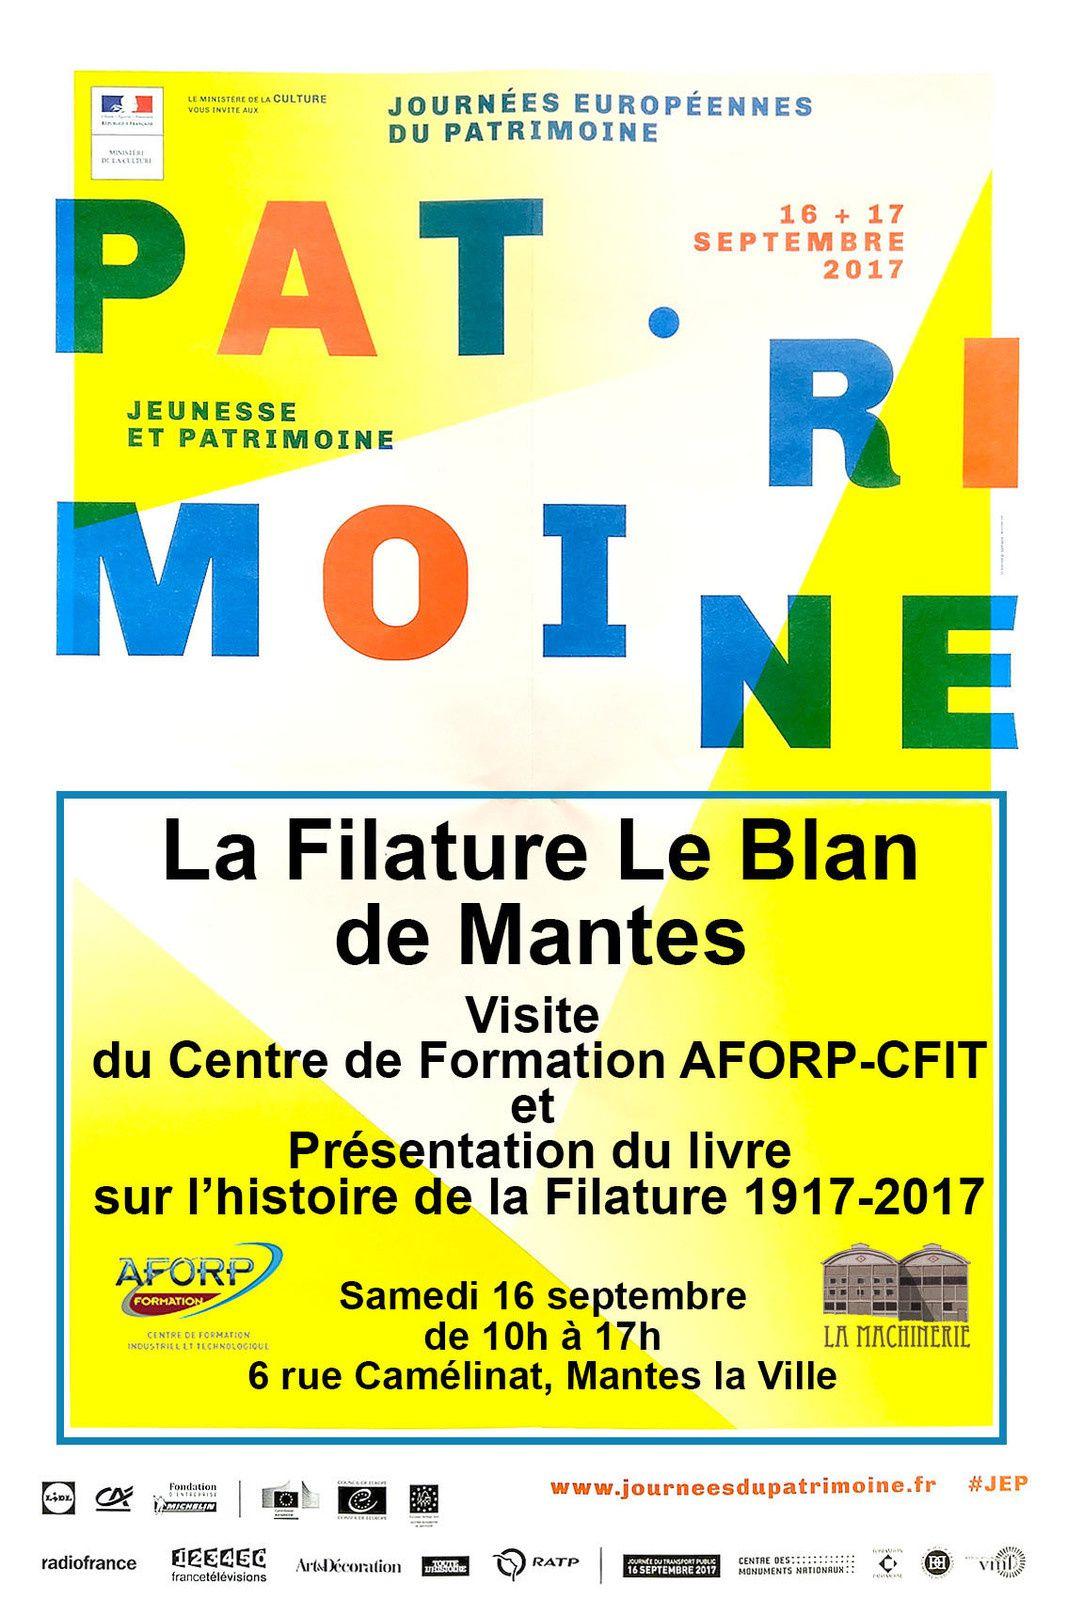 La filature Le Blan aux Journées du Patrimoine à Mantes-la-Ville